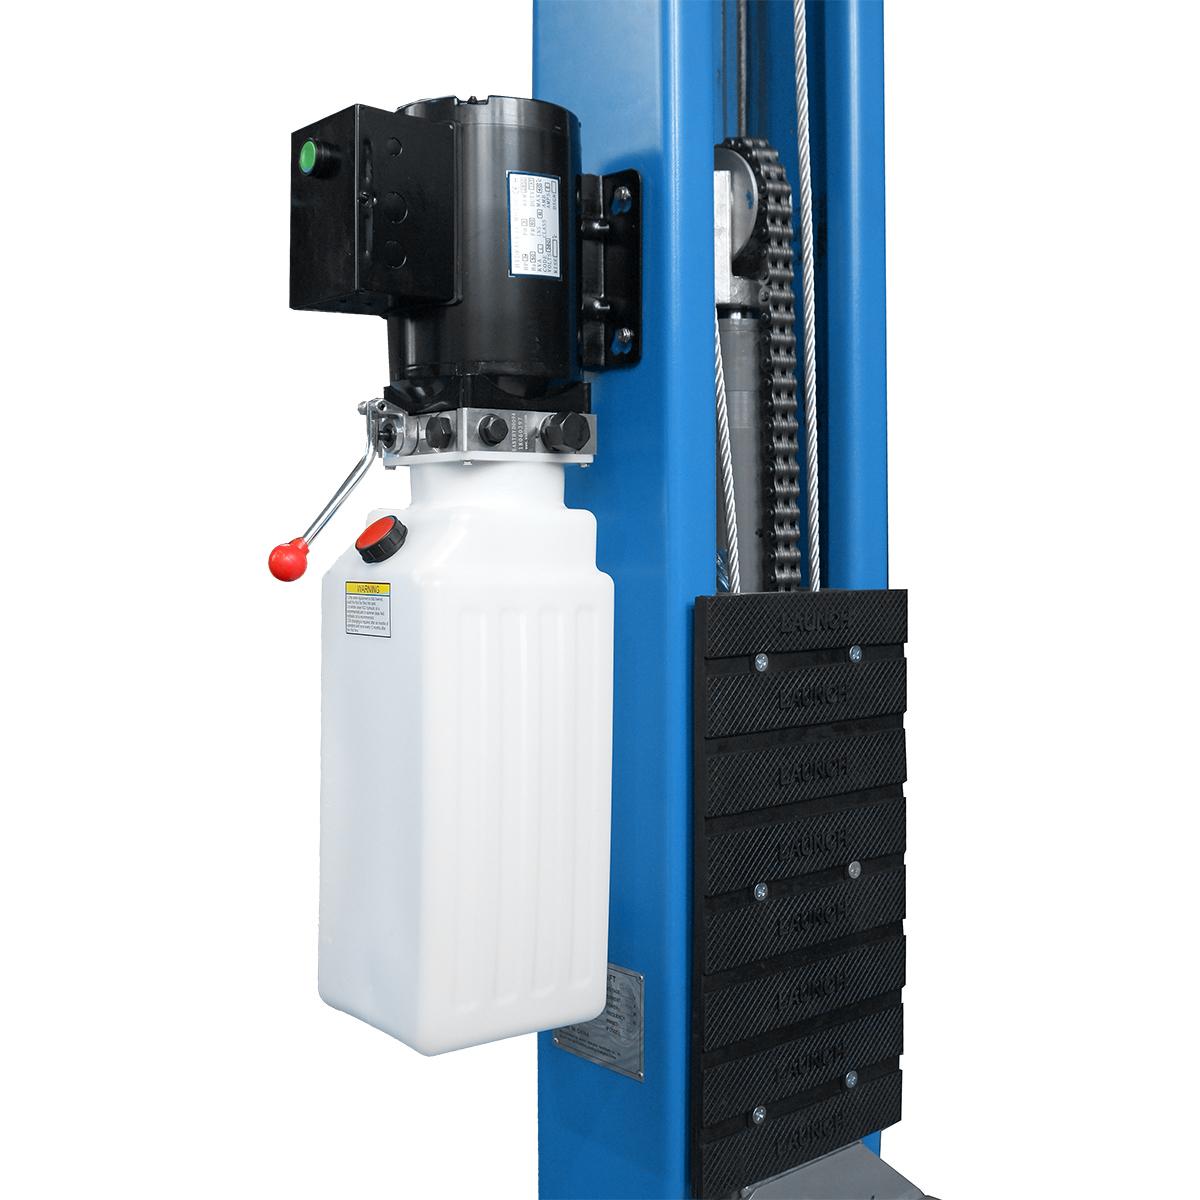 Резиновая накладка для защиты дверей подъёмника LAUNCH TLT- 240SCS L синий